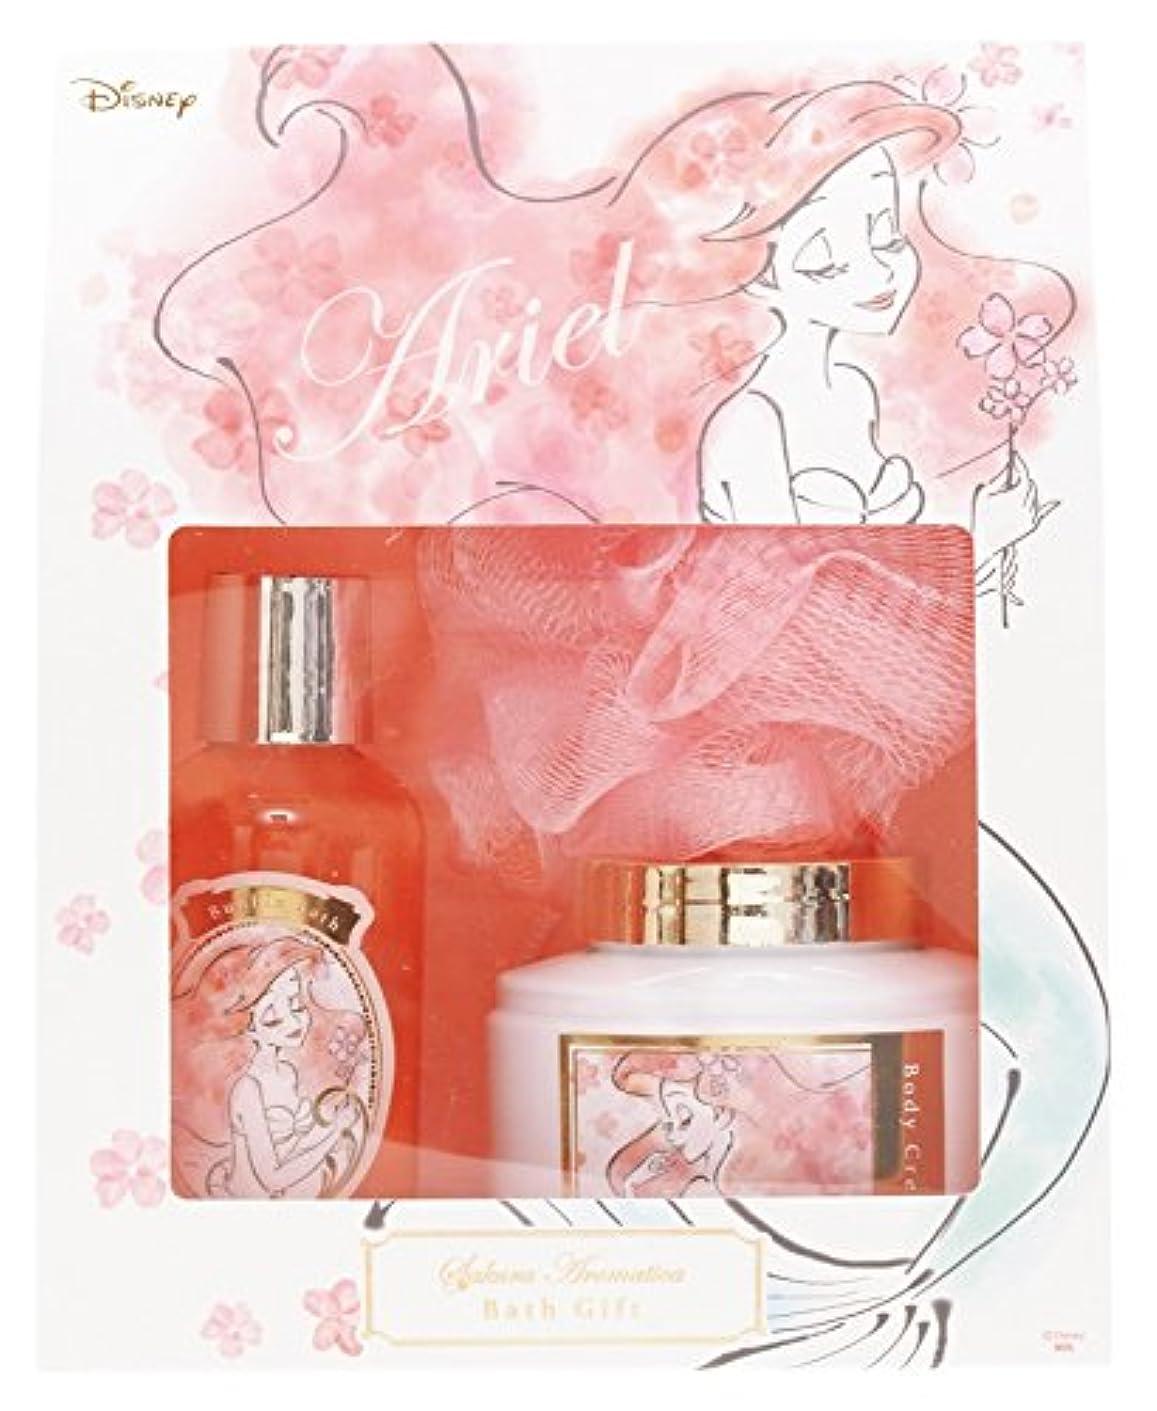 ディズニー 入浴剤 ギフトセット アリエル サクラアロマティカ サクラノスタルジア の香り DIT-8-01